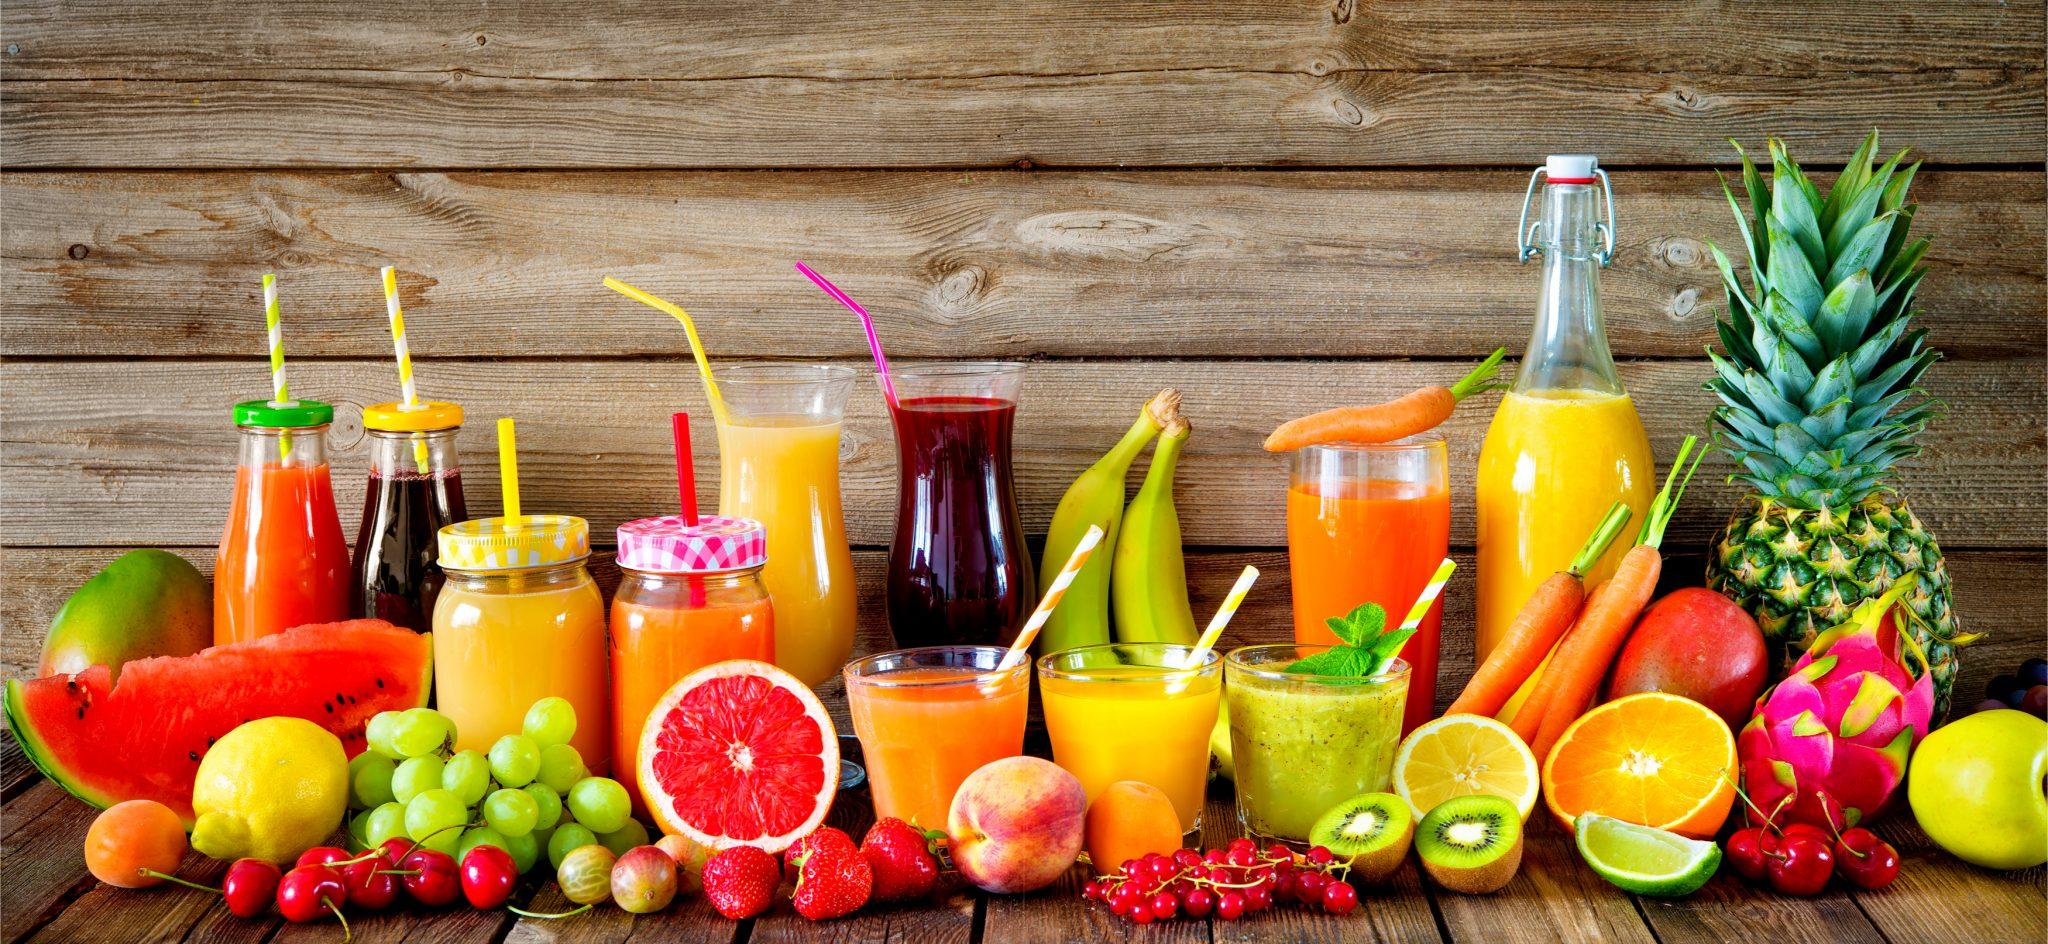 色んな種類の果物や野菜で作ったジュース一覧